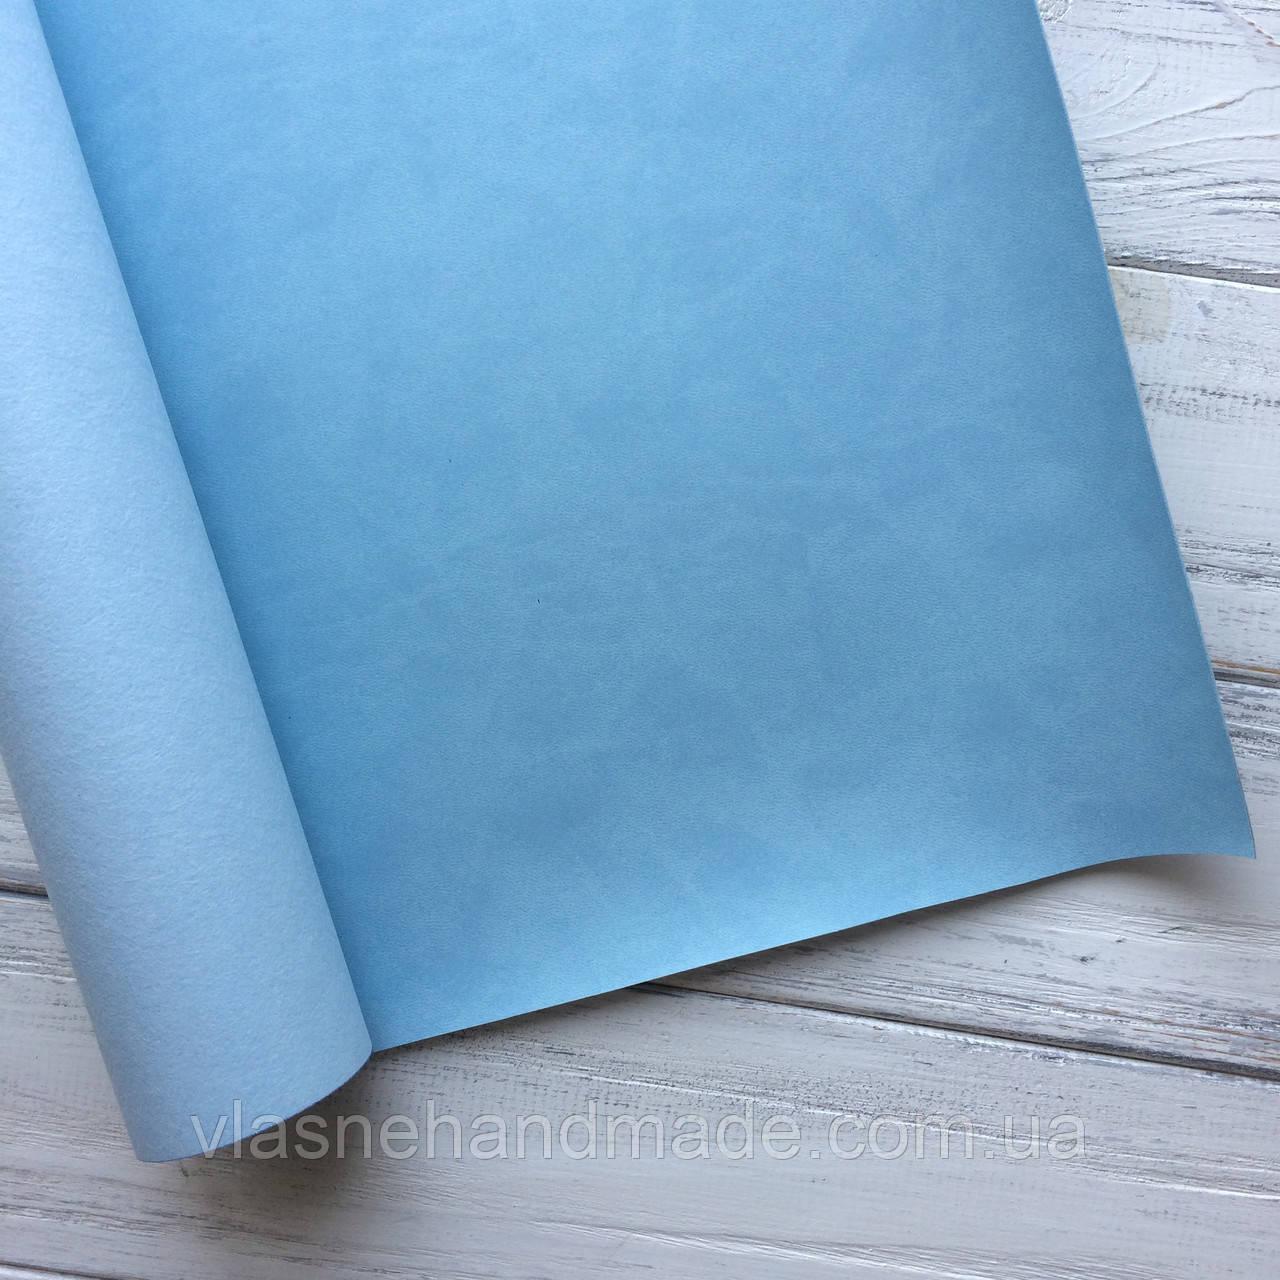 НЕФОРМАТ АБО НЕВЕЛИКИЙ БРАК!!! Шкірзамінник палітурний - матовий - голубий - виробник Італія 24,5х35 см.